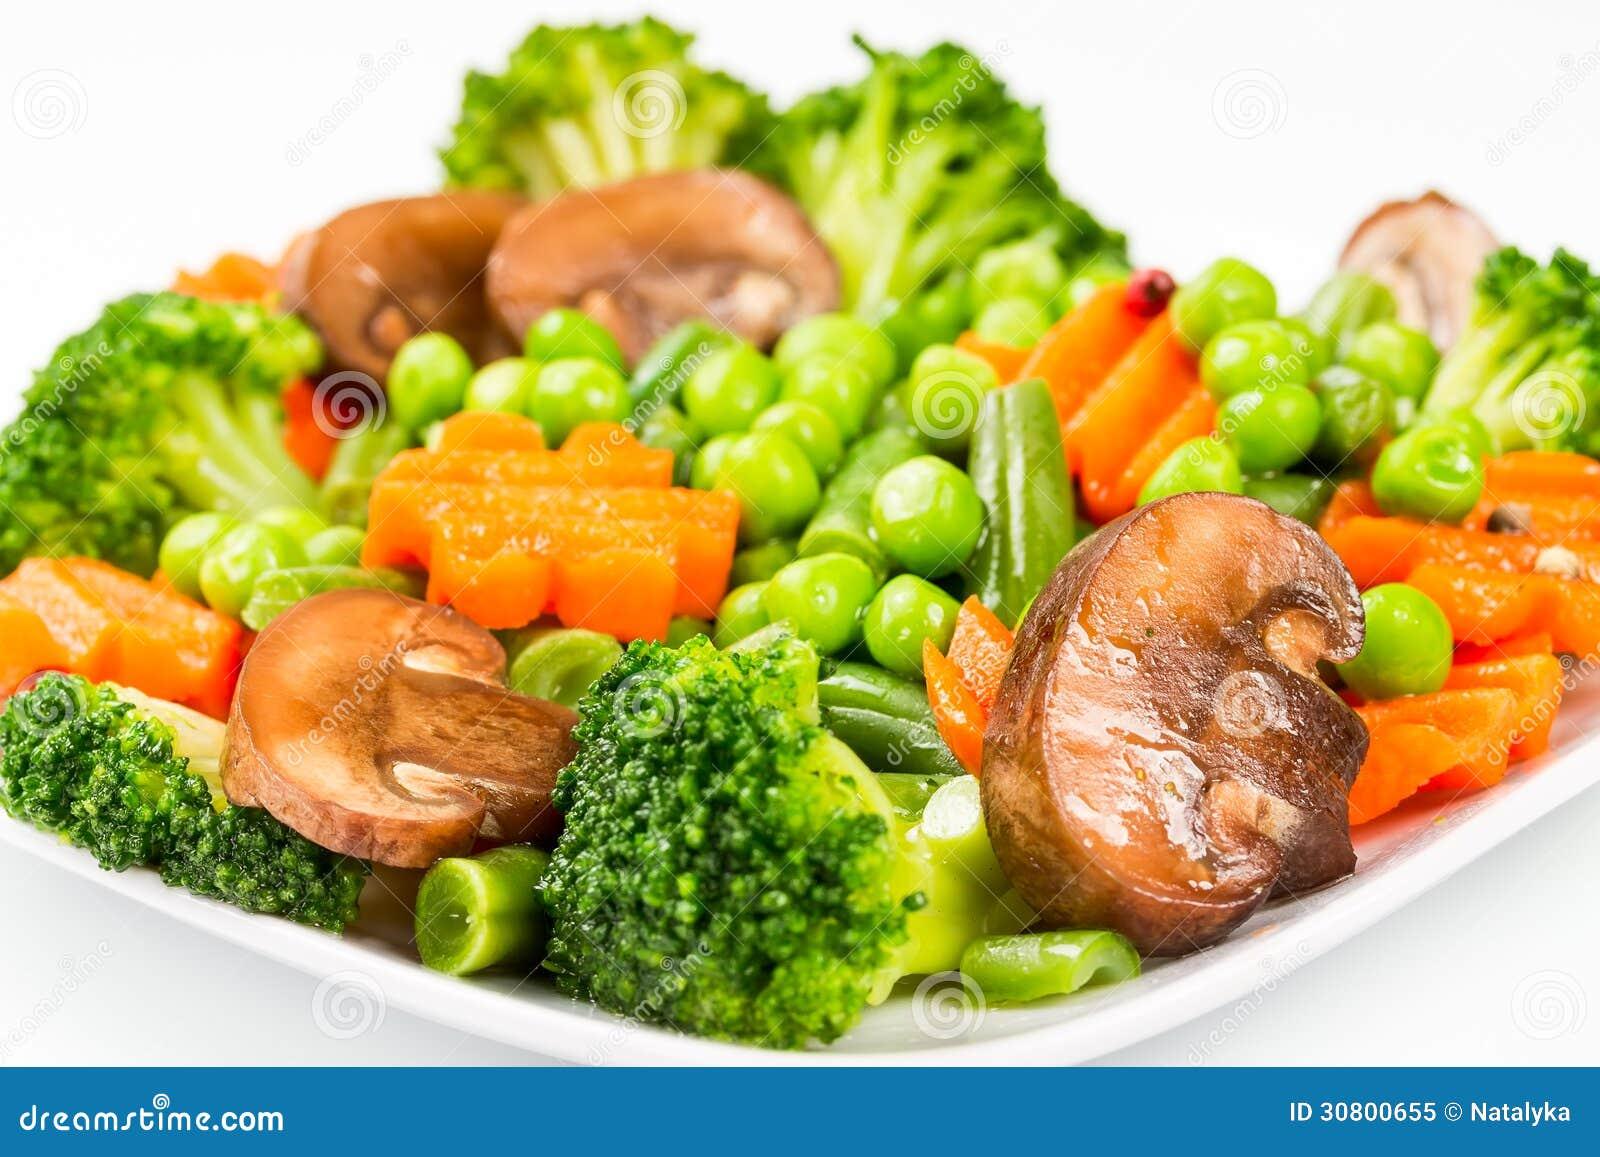 Légumes Cuits à La Vapeur Photo libre de droits - Image